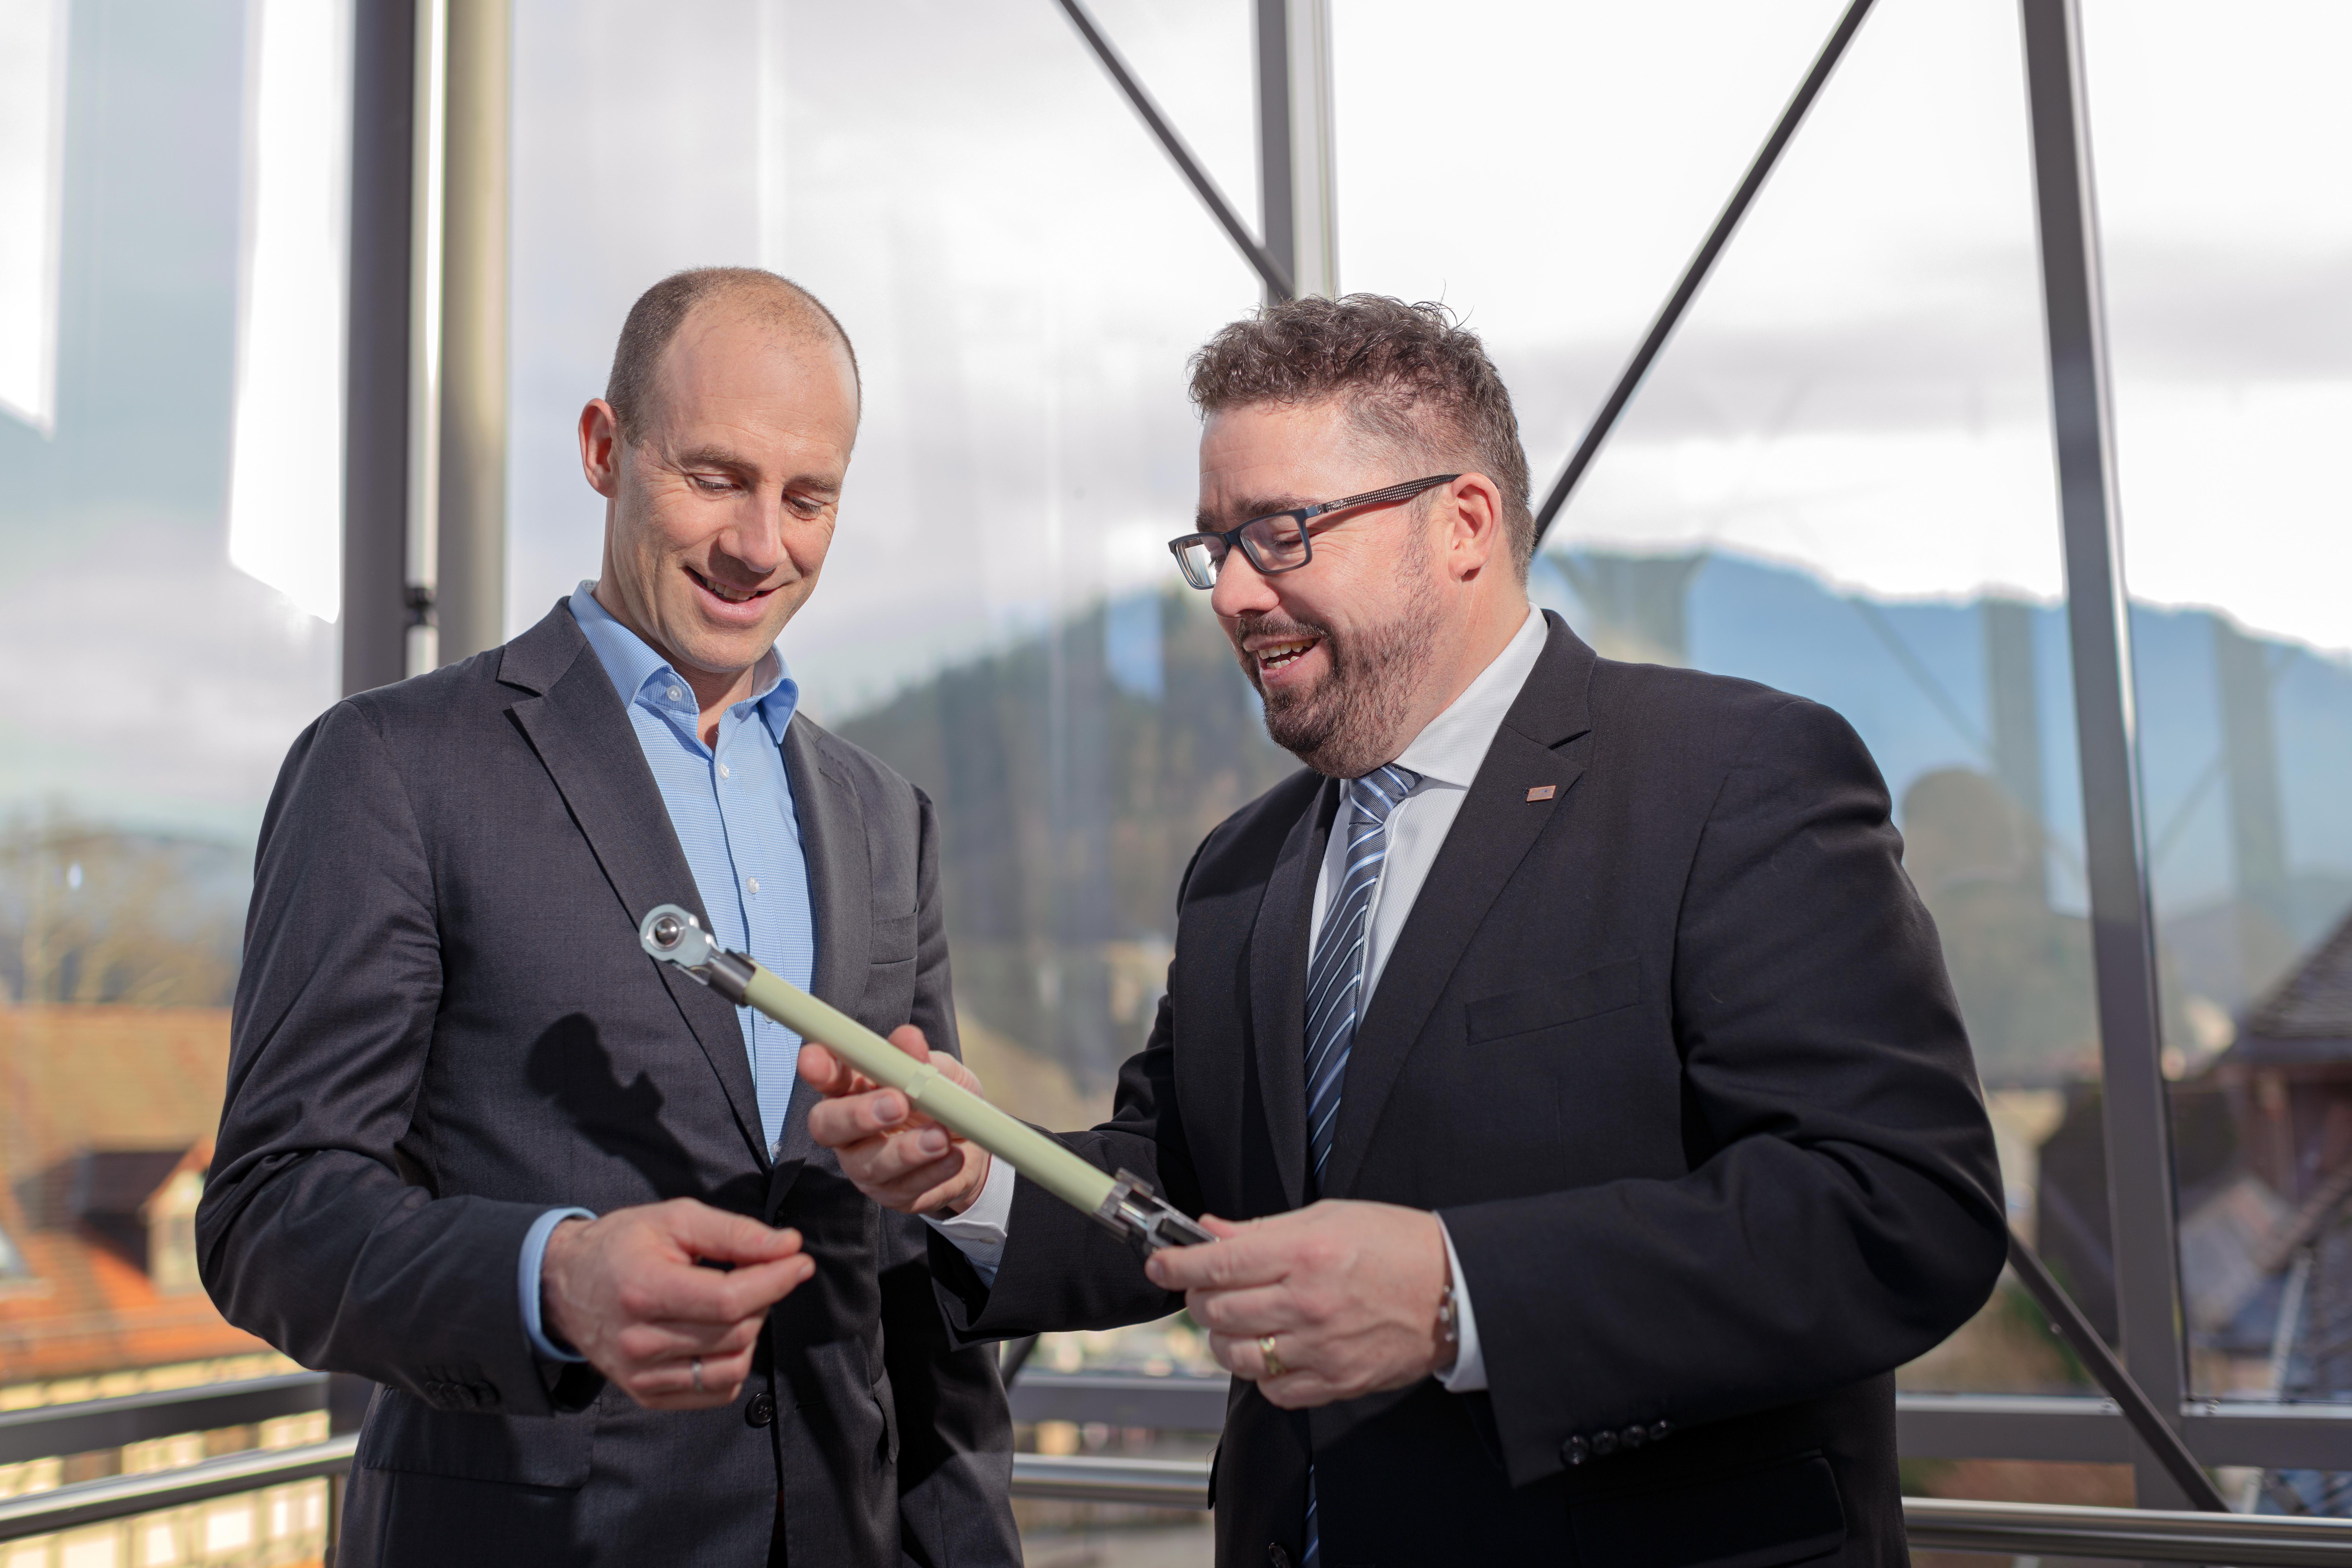 Dipl. Ing. Pascal Schiefer, Geschäftsführer der Carl Leipold GmbH mit einem Mitarbeiter